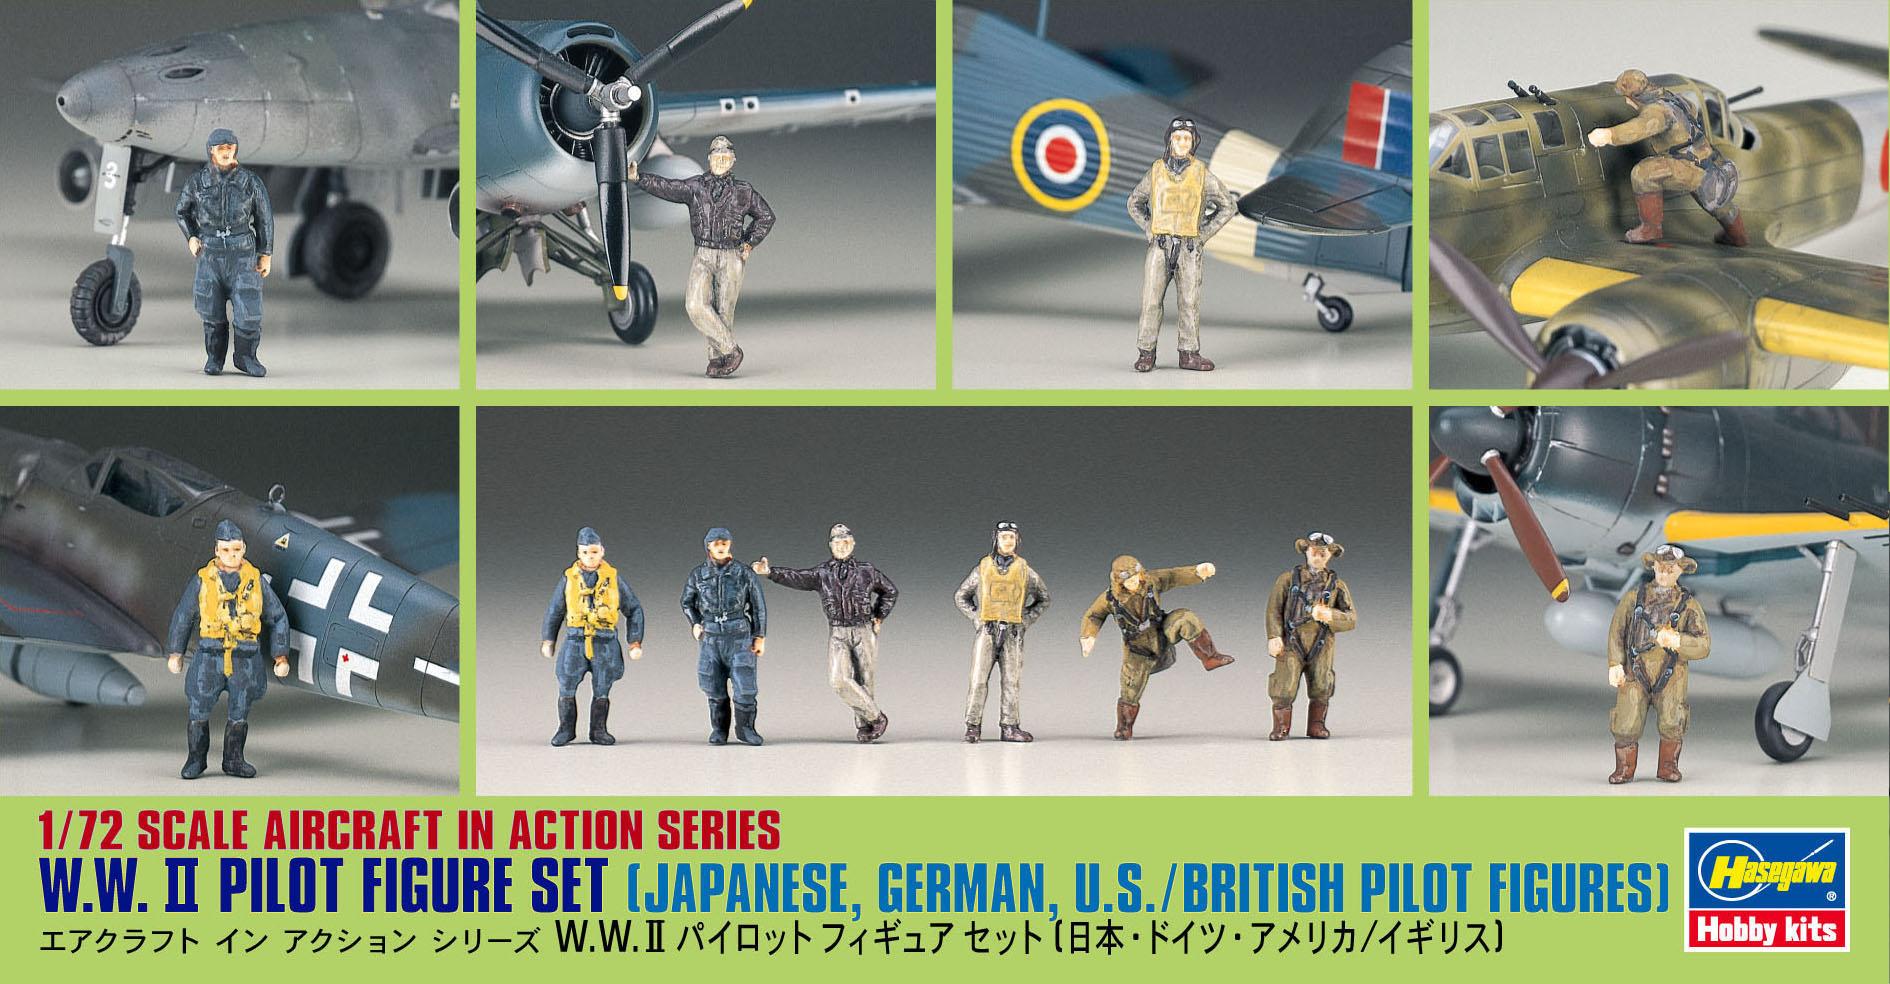 Hasegawa 1/72 WWII Pilot Figure Set